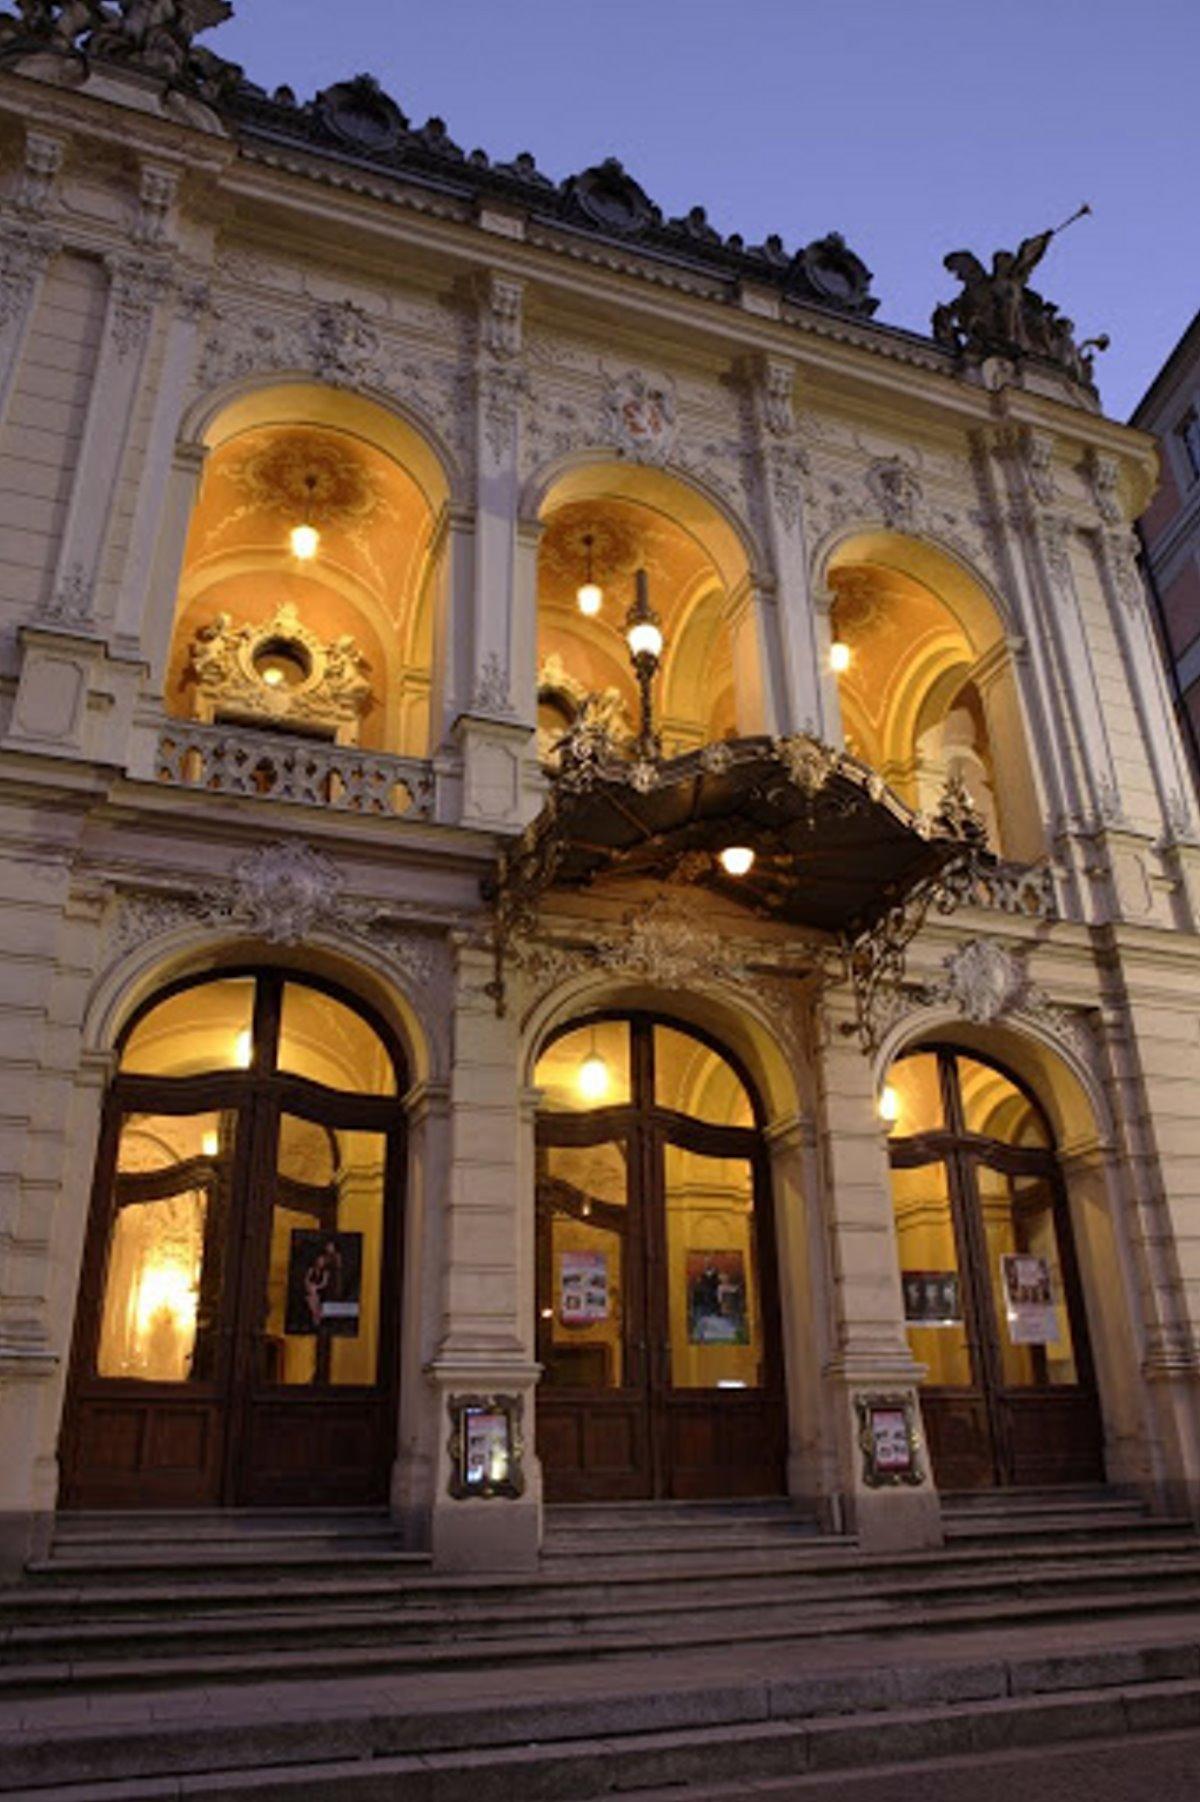 Θέατρο Κάρλοβι Βάρι